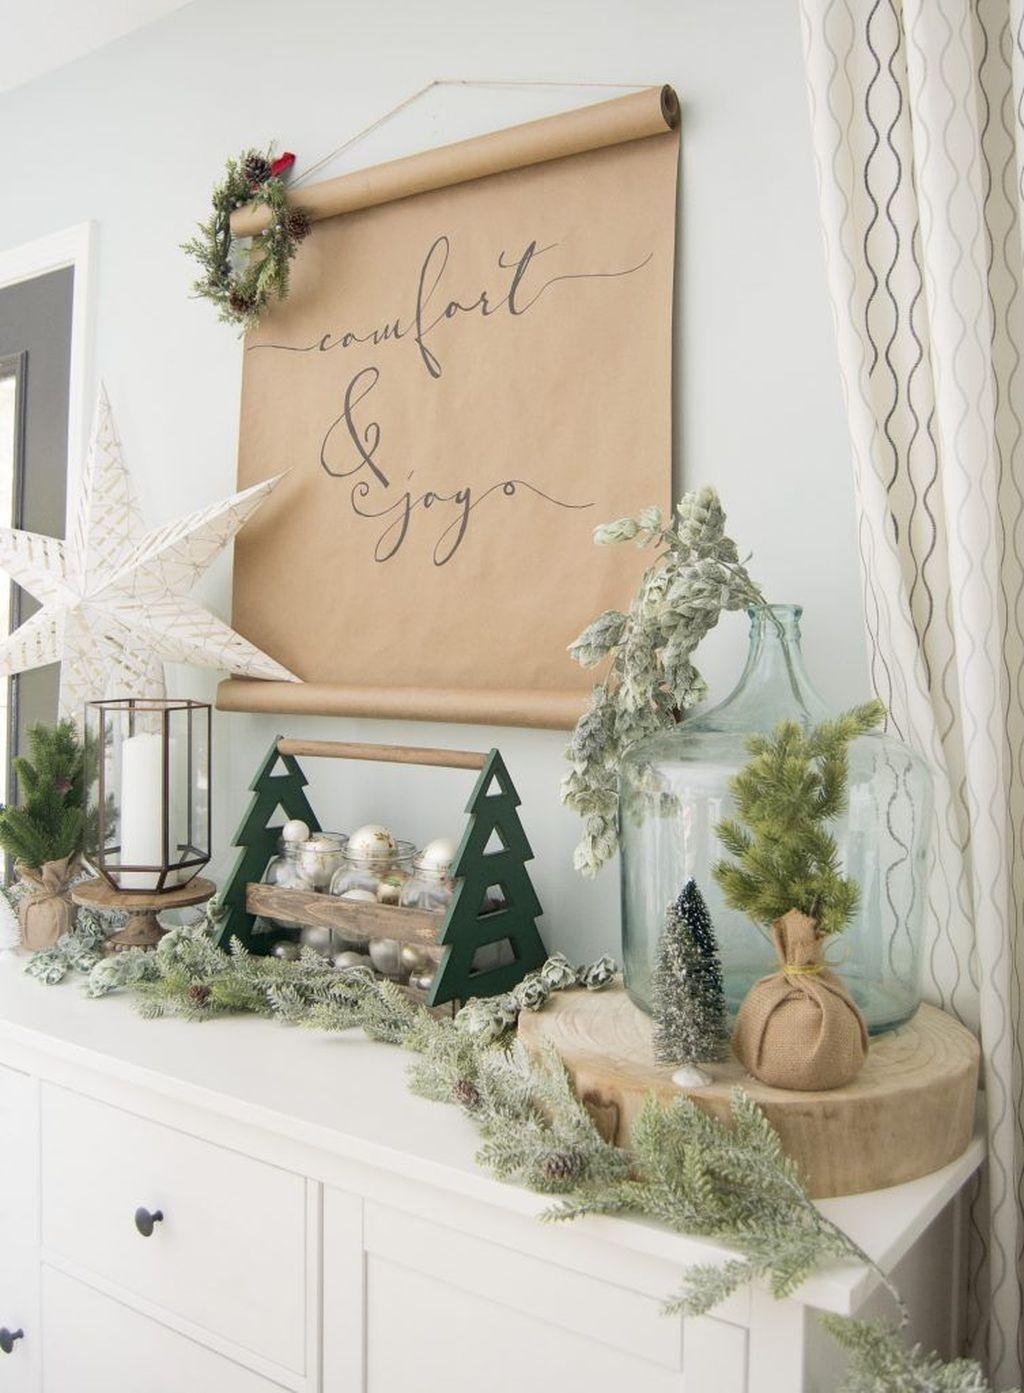 Simple Diy Christmas Home Decor Ideas 19